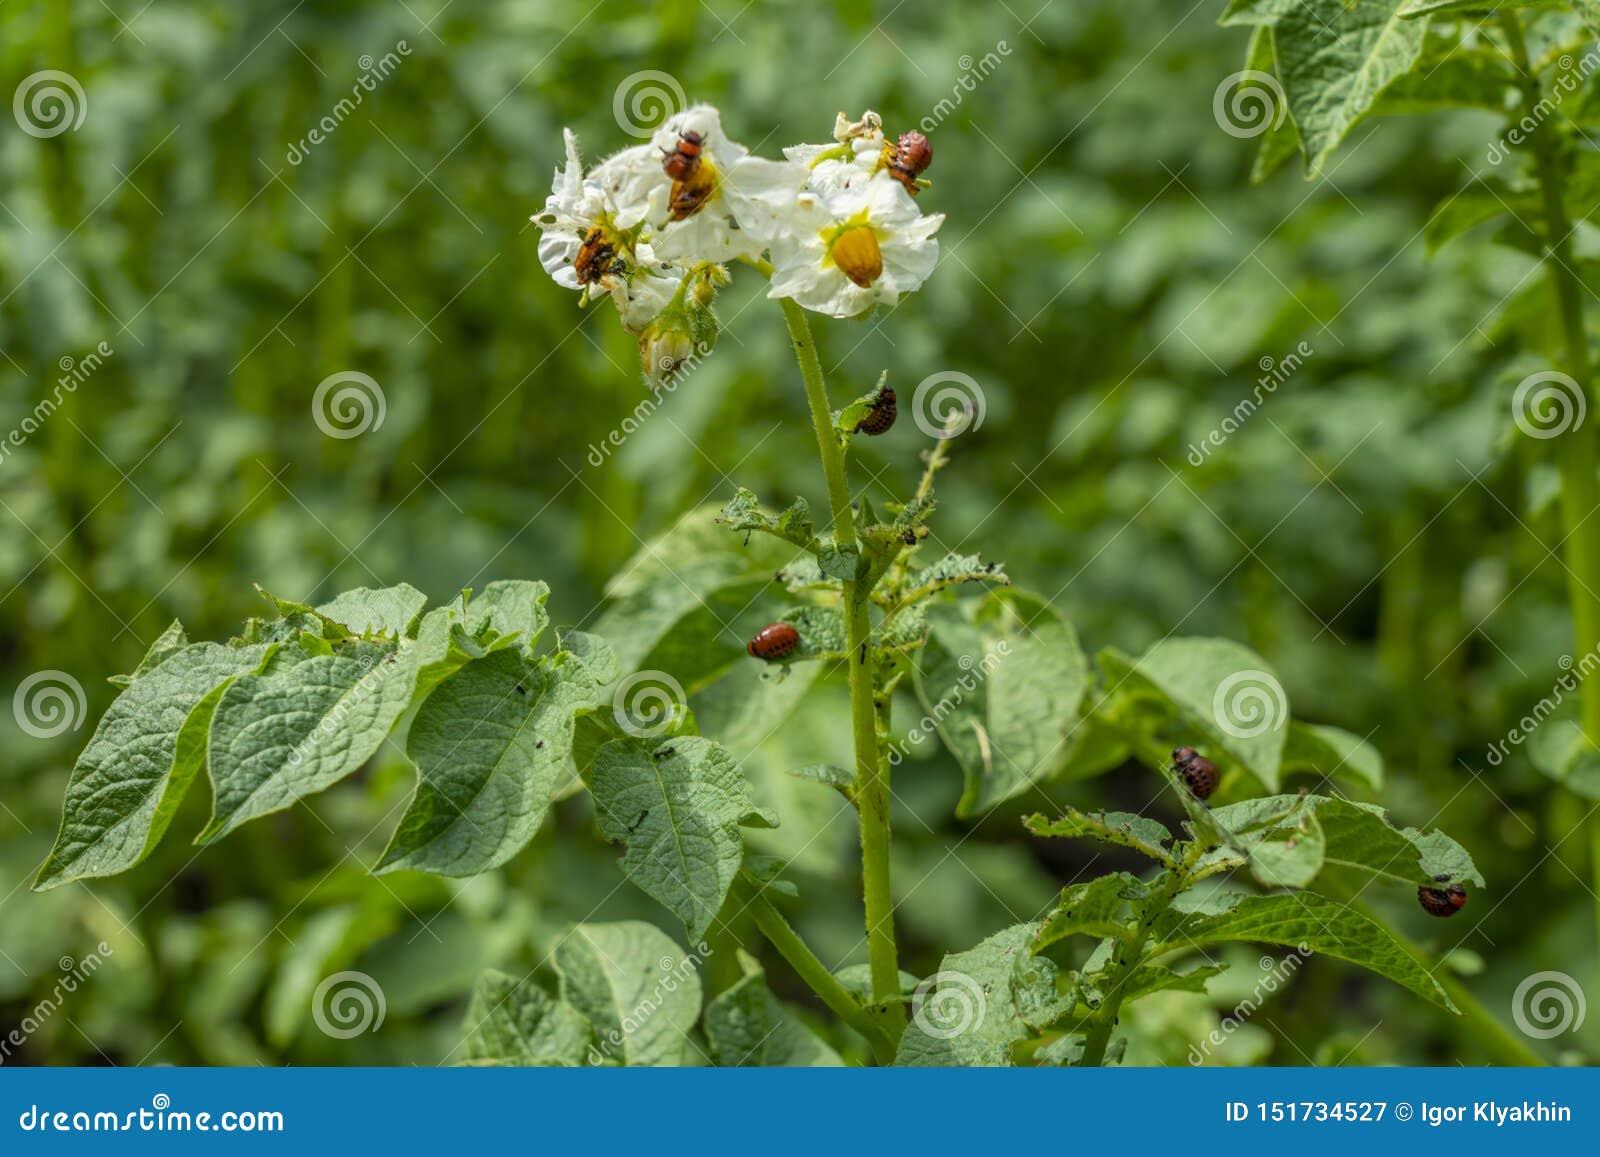 De larven van de coloradokever van Colorado eten de bladeren en de bloemen van de aardappel Bush